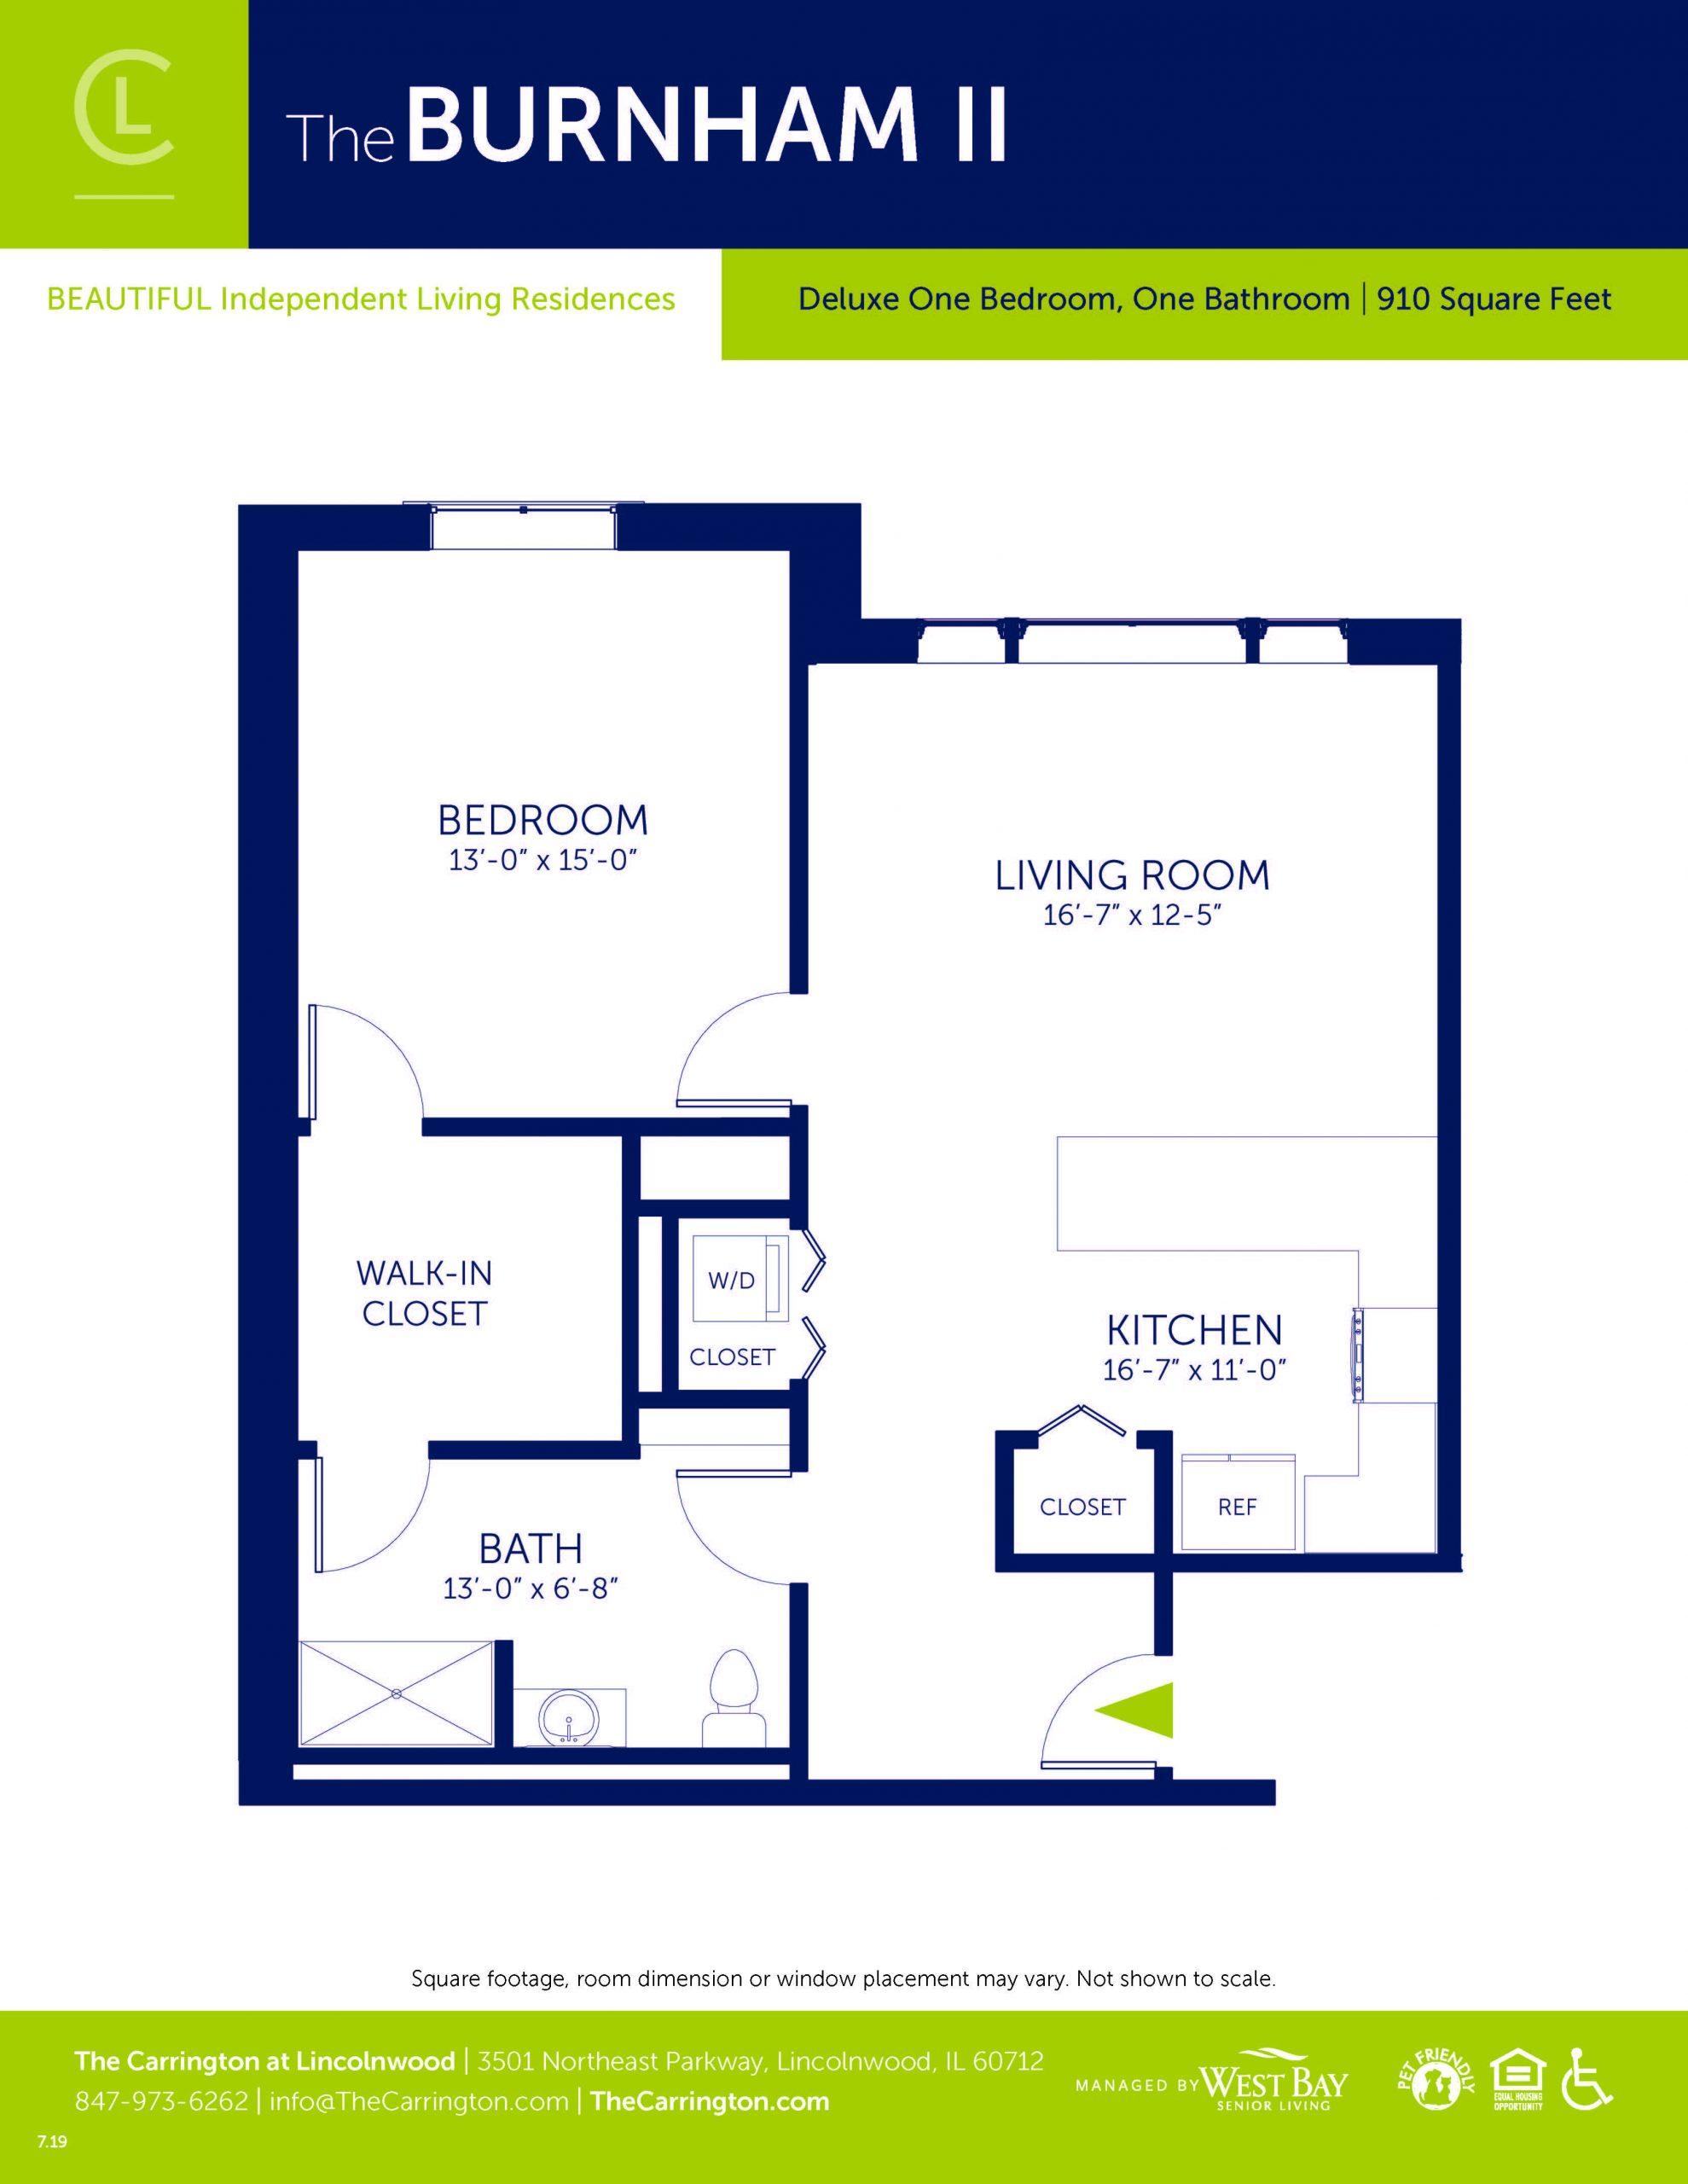 Burnham II - Deluxe One Bedroom